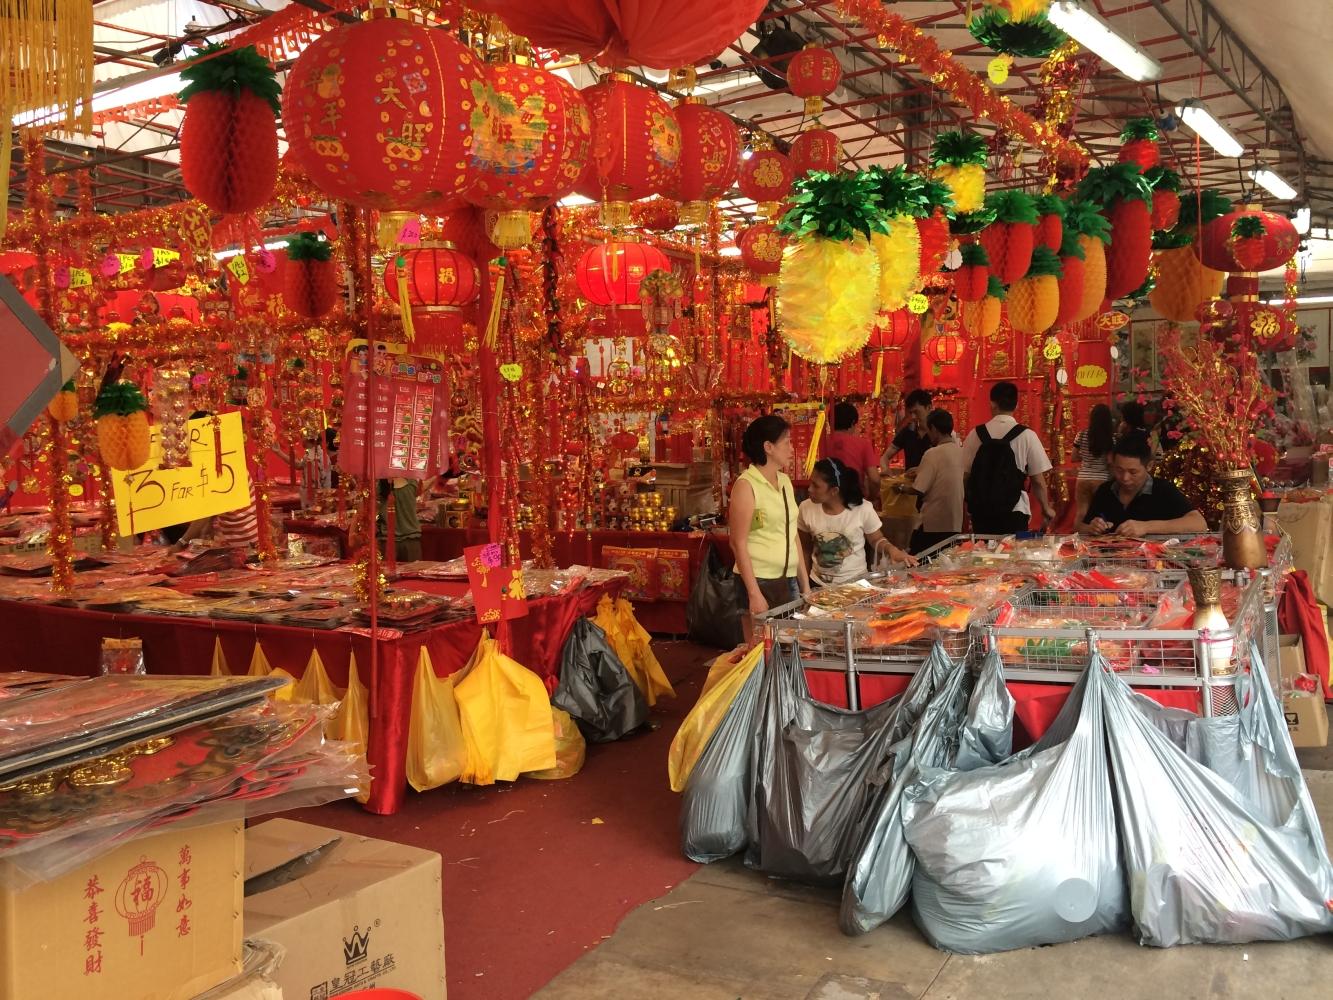 Alles rot. Ein Geschäft das Deko fürs Fest verkauft